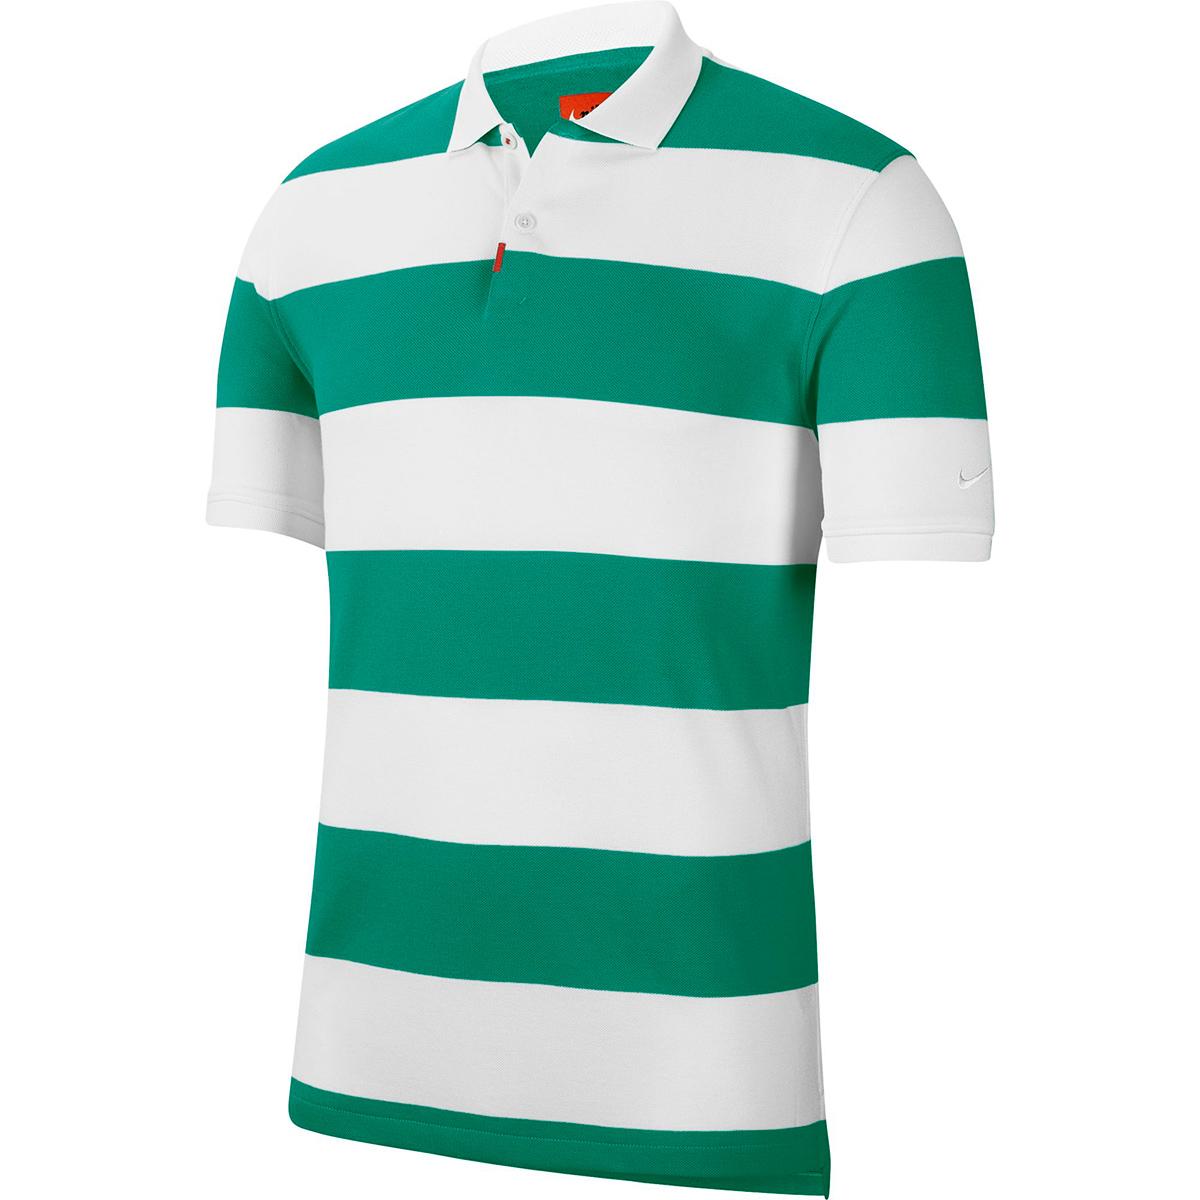 ストライプ半袖ポロシャツ